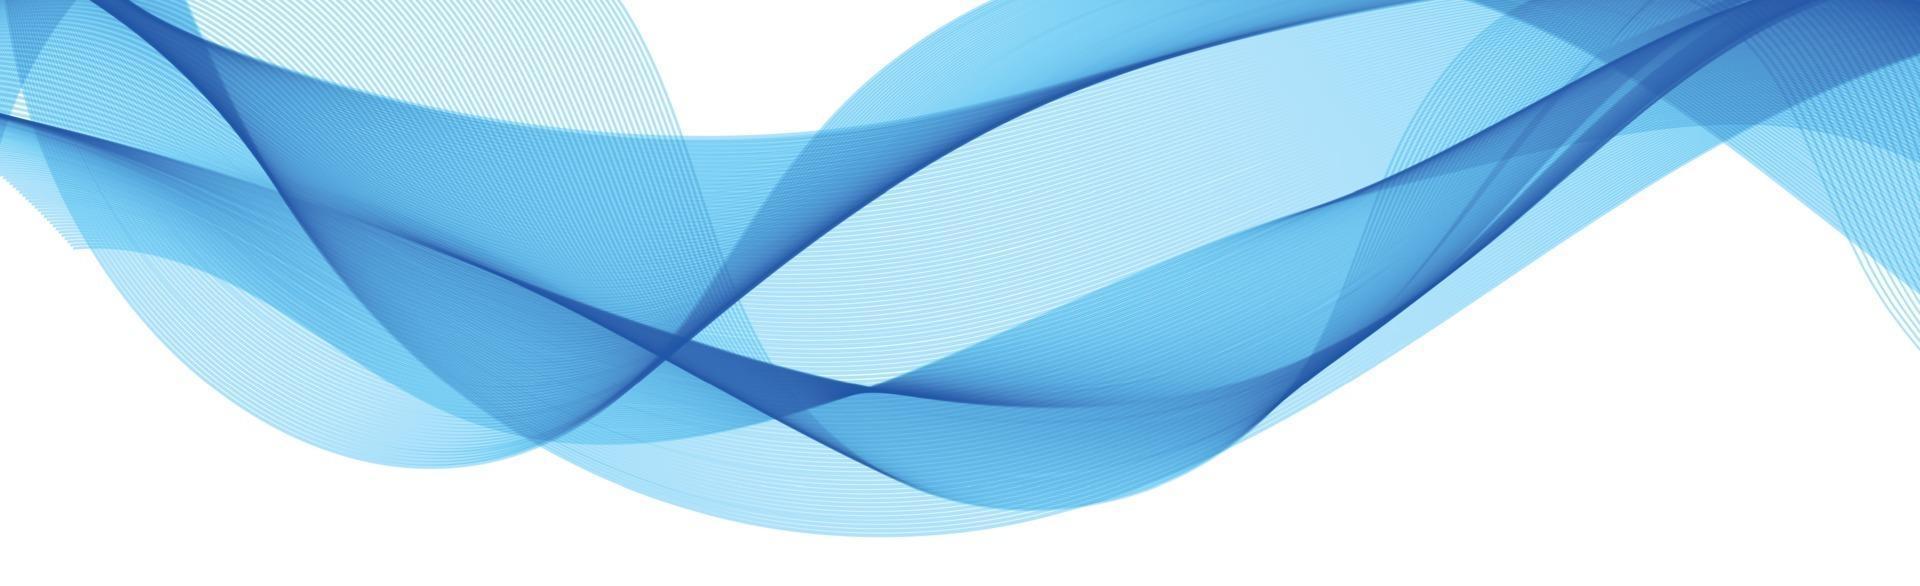 abstrakte blaue Wellenlinien auf weißem Hintergrund - Vektor